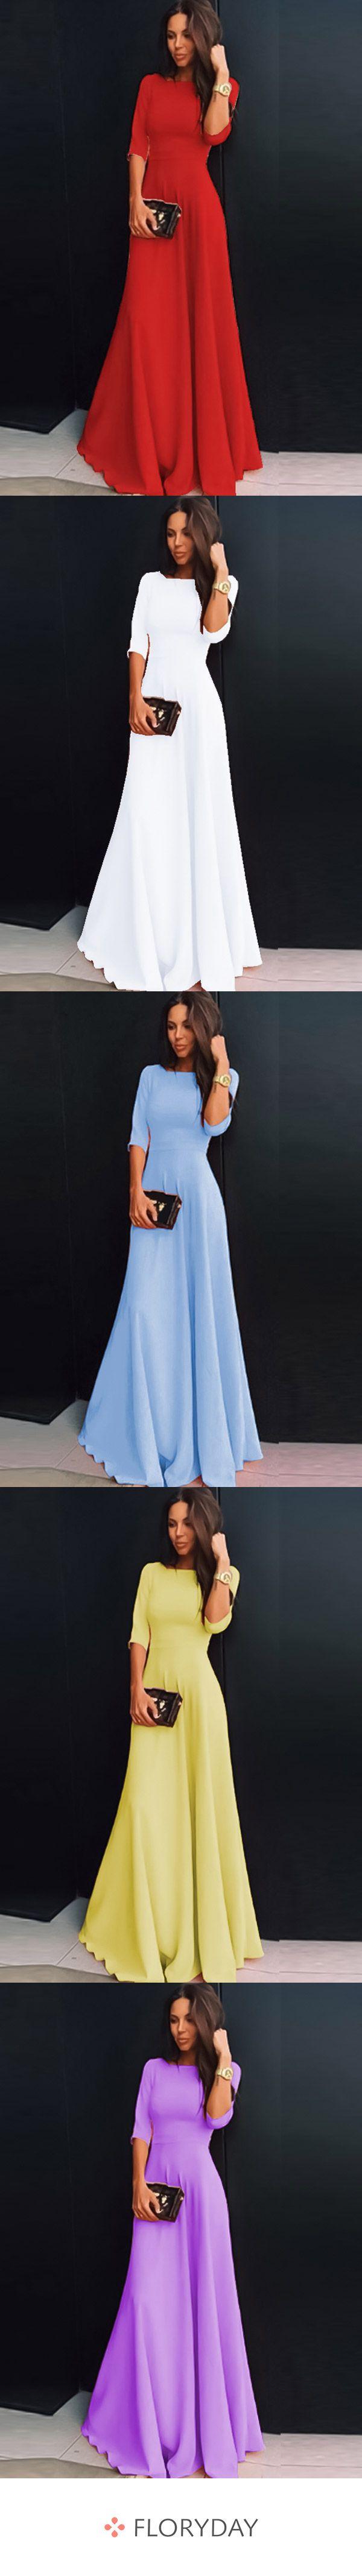 Maxi-Kleid in A-Linie mit 3/4 Ärmeln